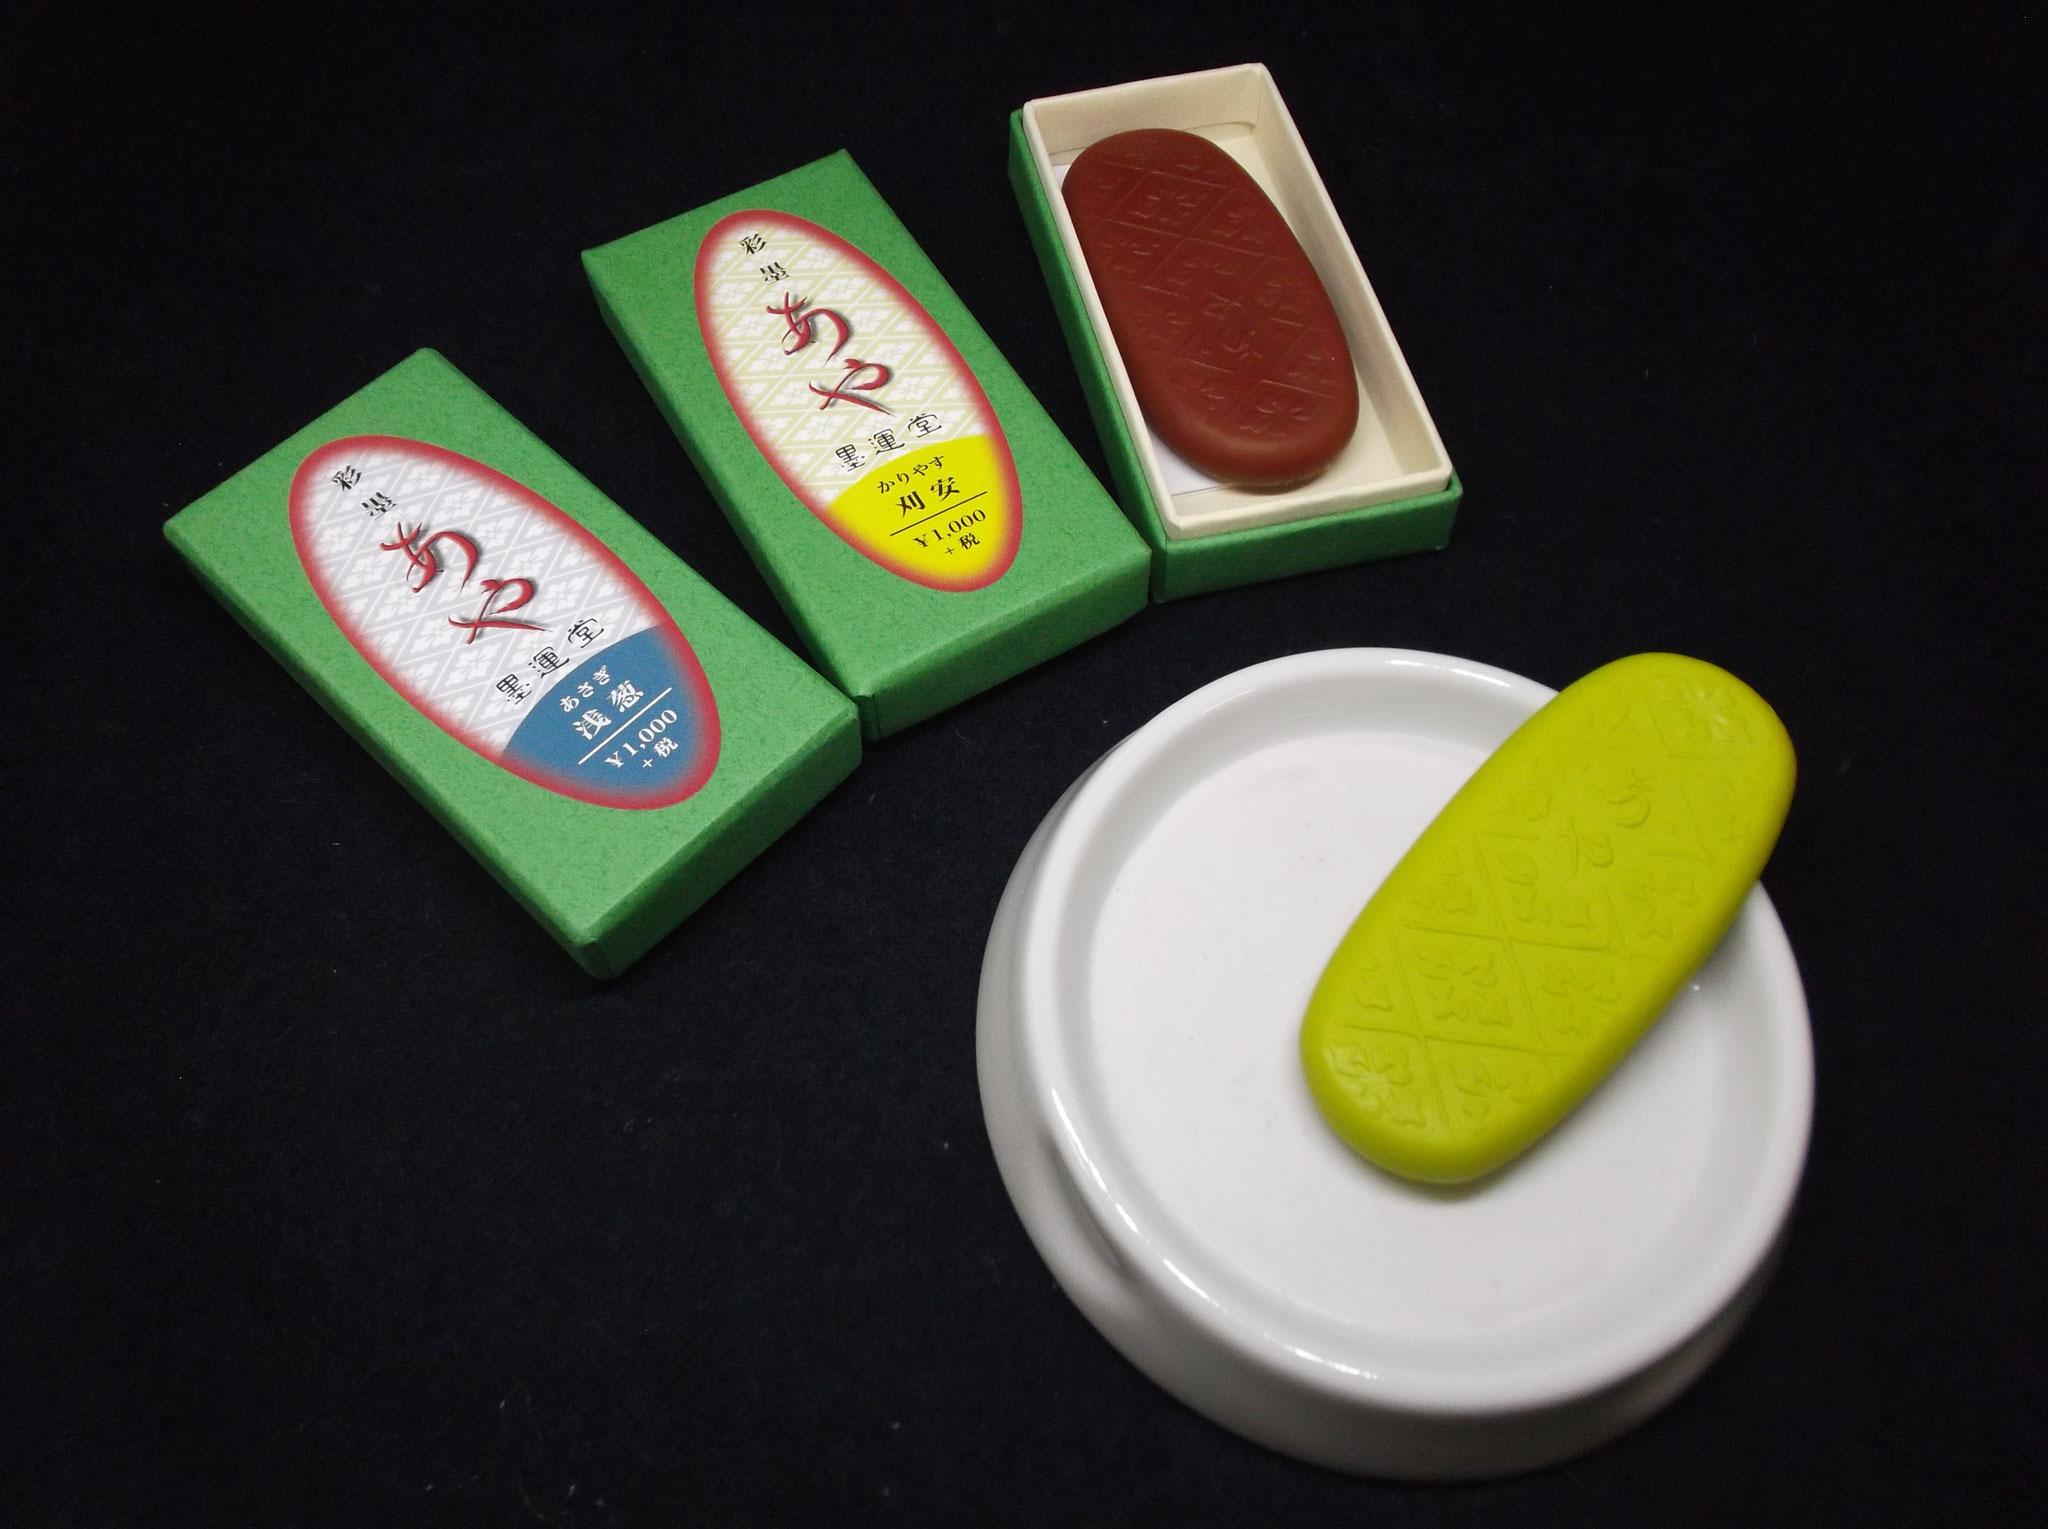 株式会社墨運堂/彩墨あや3色、画陶硯セット